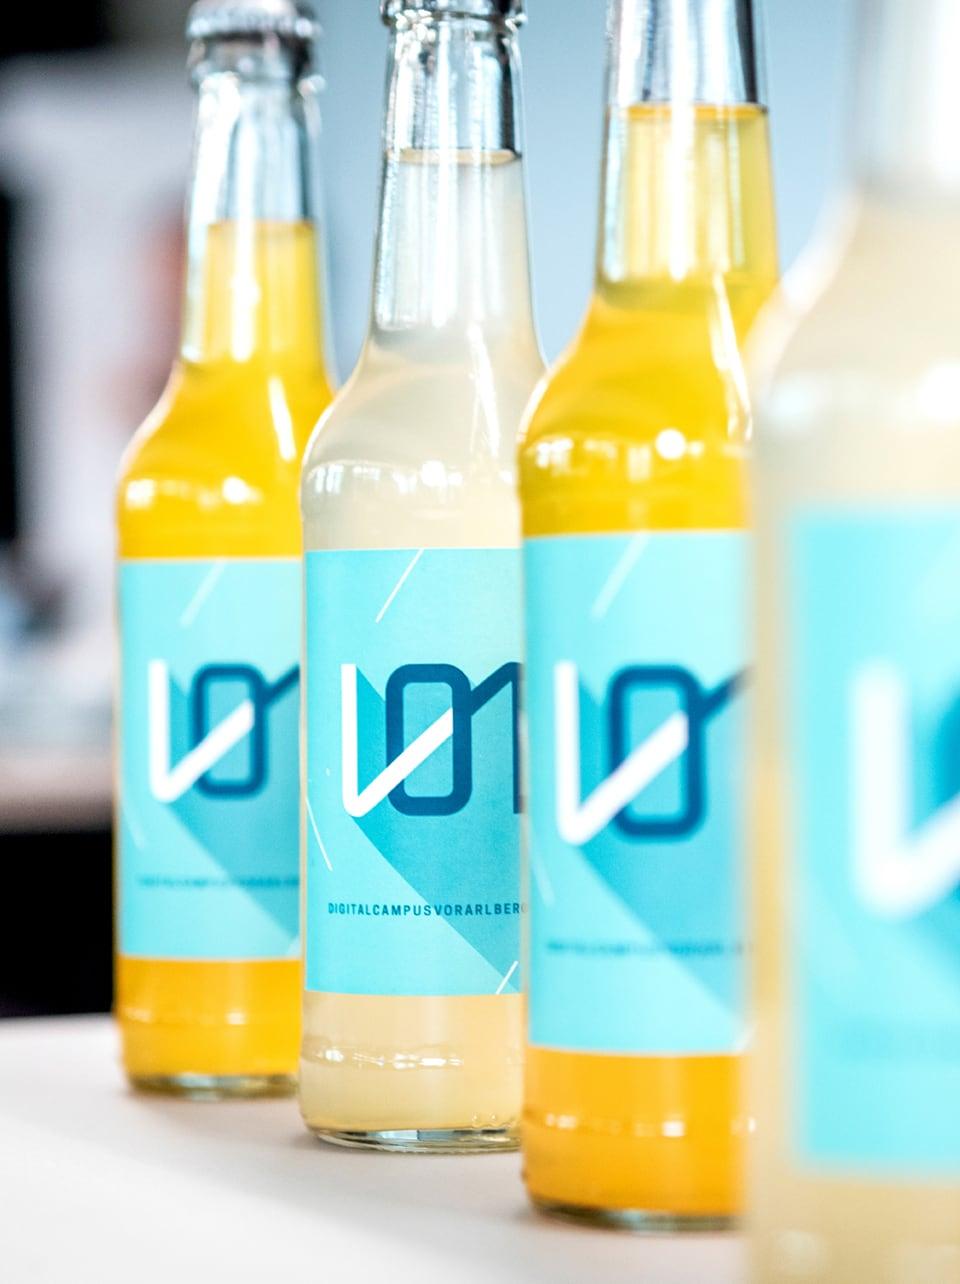 Limonadenflaschen mit Digital Campus Vorarlberg Logo